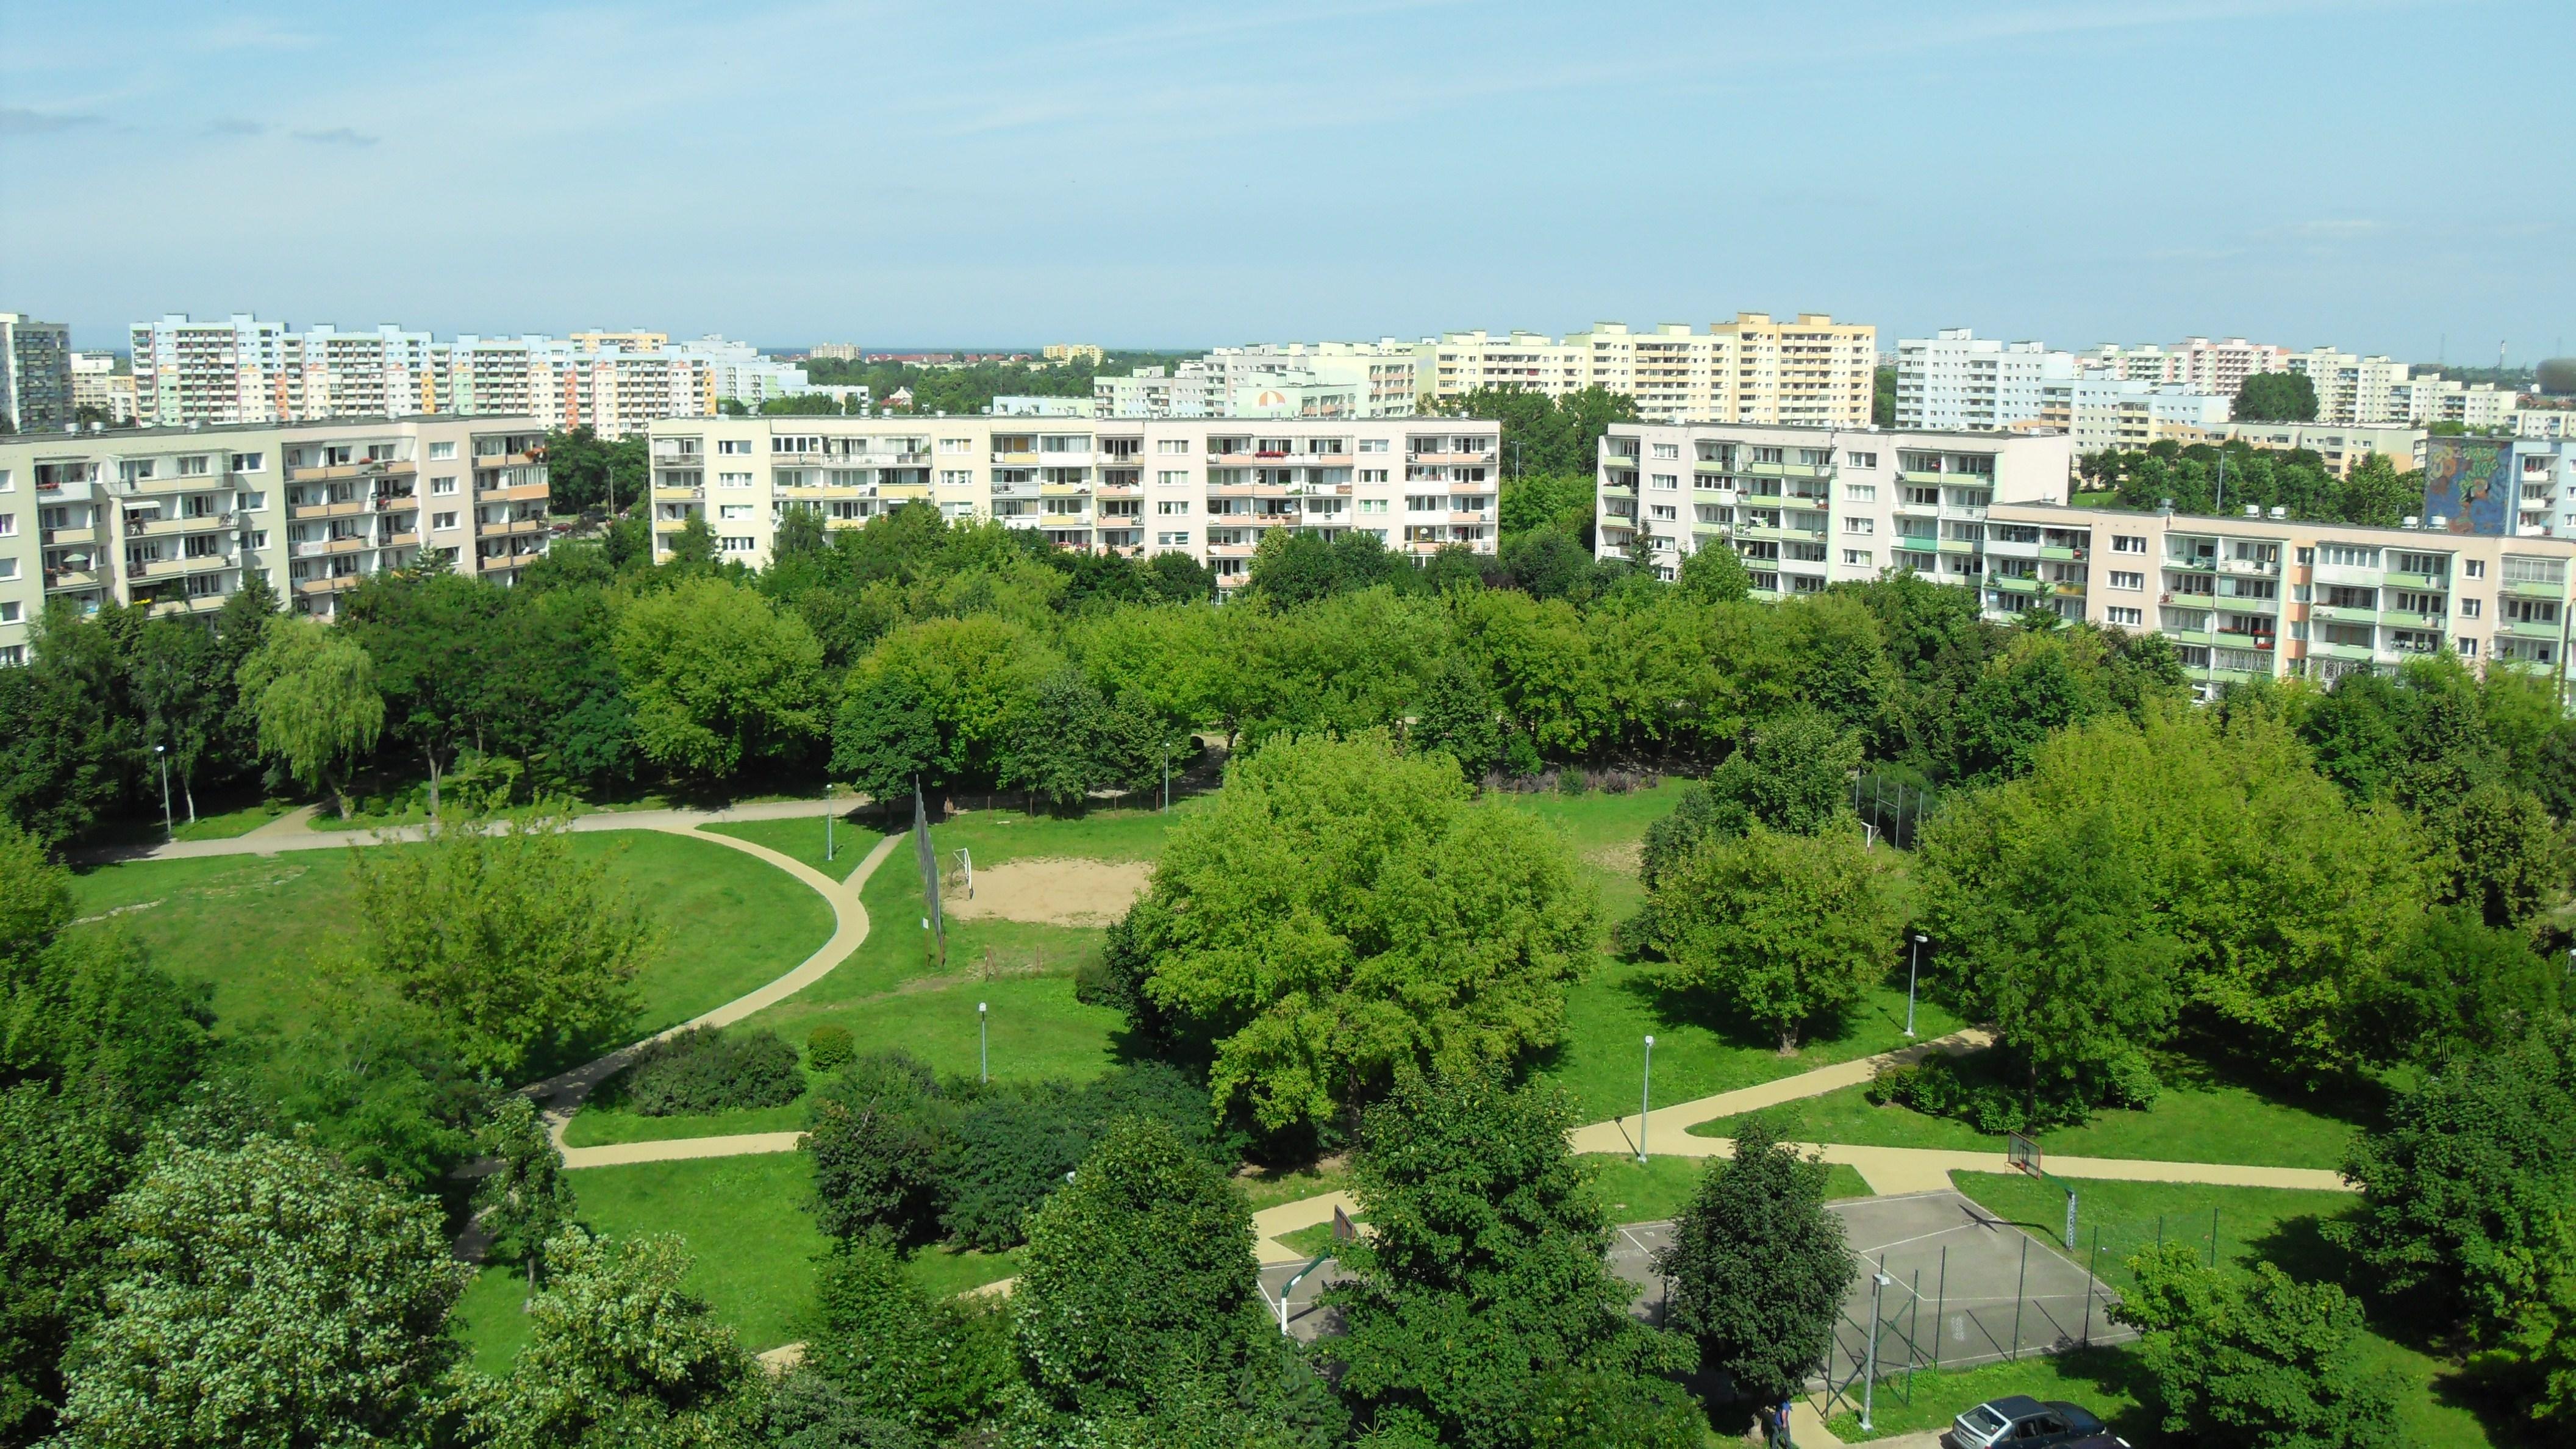 Zaspa Młyniec, wnętrze urbanistyczne / fot. Artur Andrzej (Wikimedia Commons) / lic. CC-BY-3.0Q